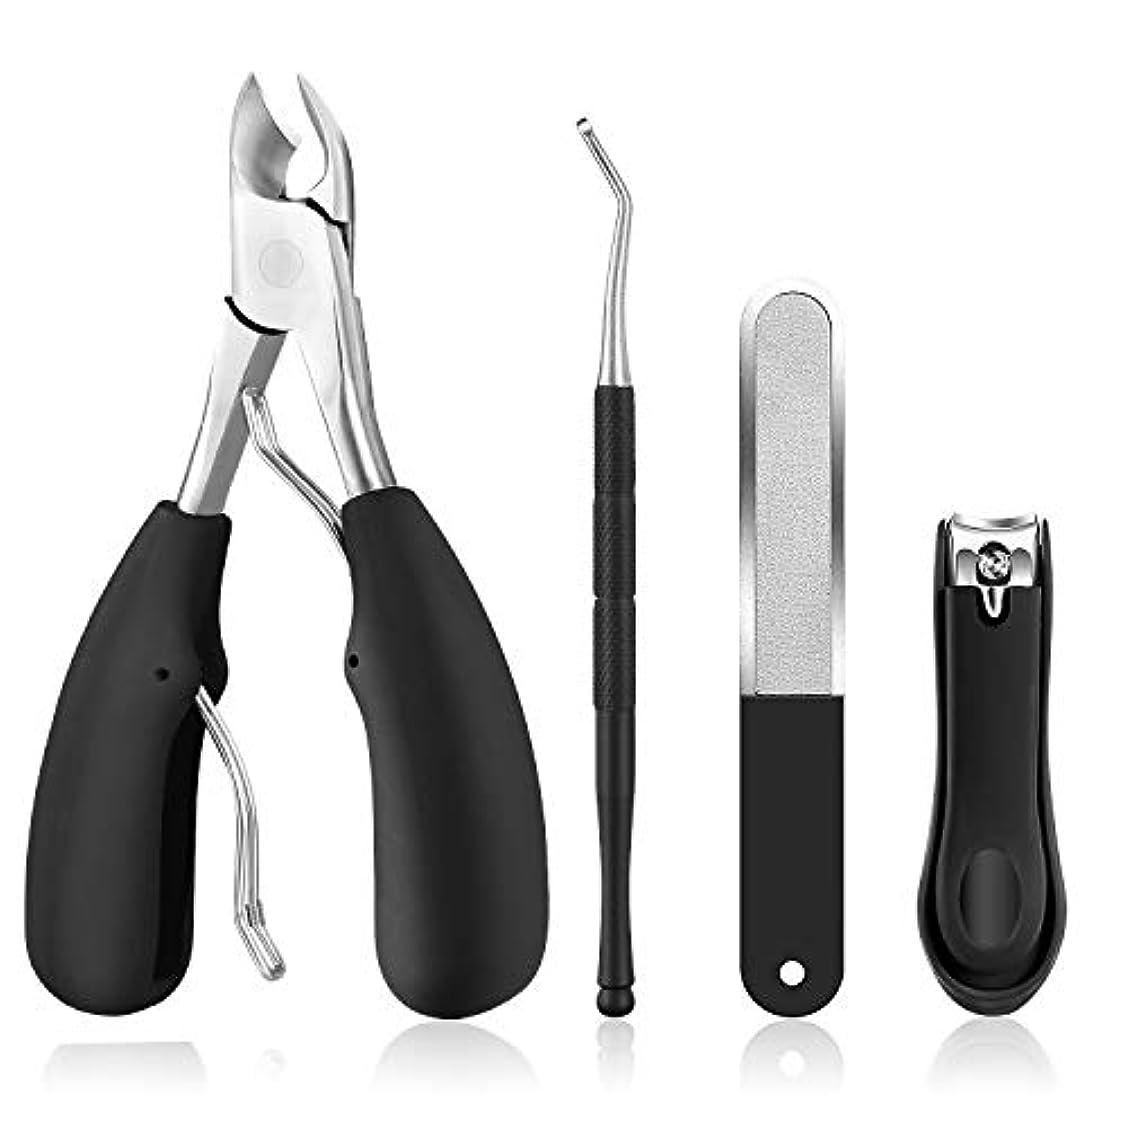 退屈なバーター慎重4本セット 爪切り ニッパー ニッパー型爪切り ダブルバネデザイン